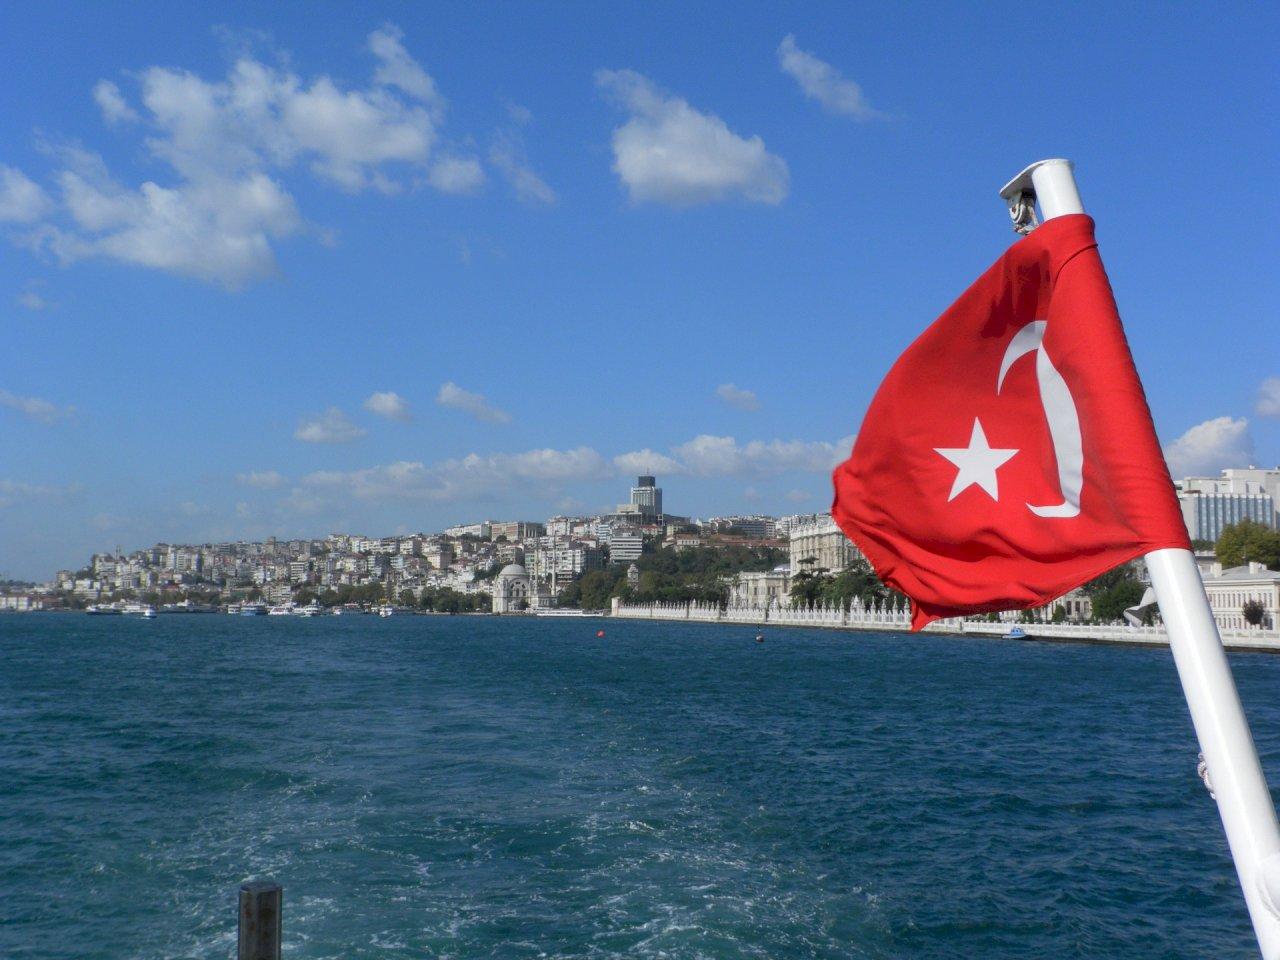 俄烏緊張 土耳其:美將派2戰艦進入黑海